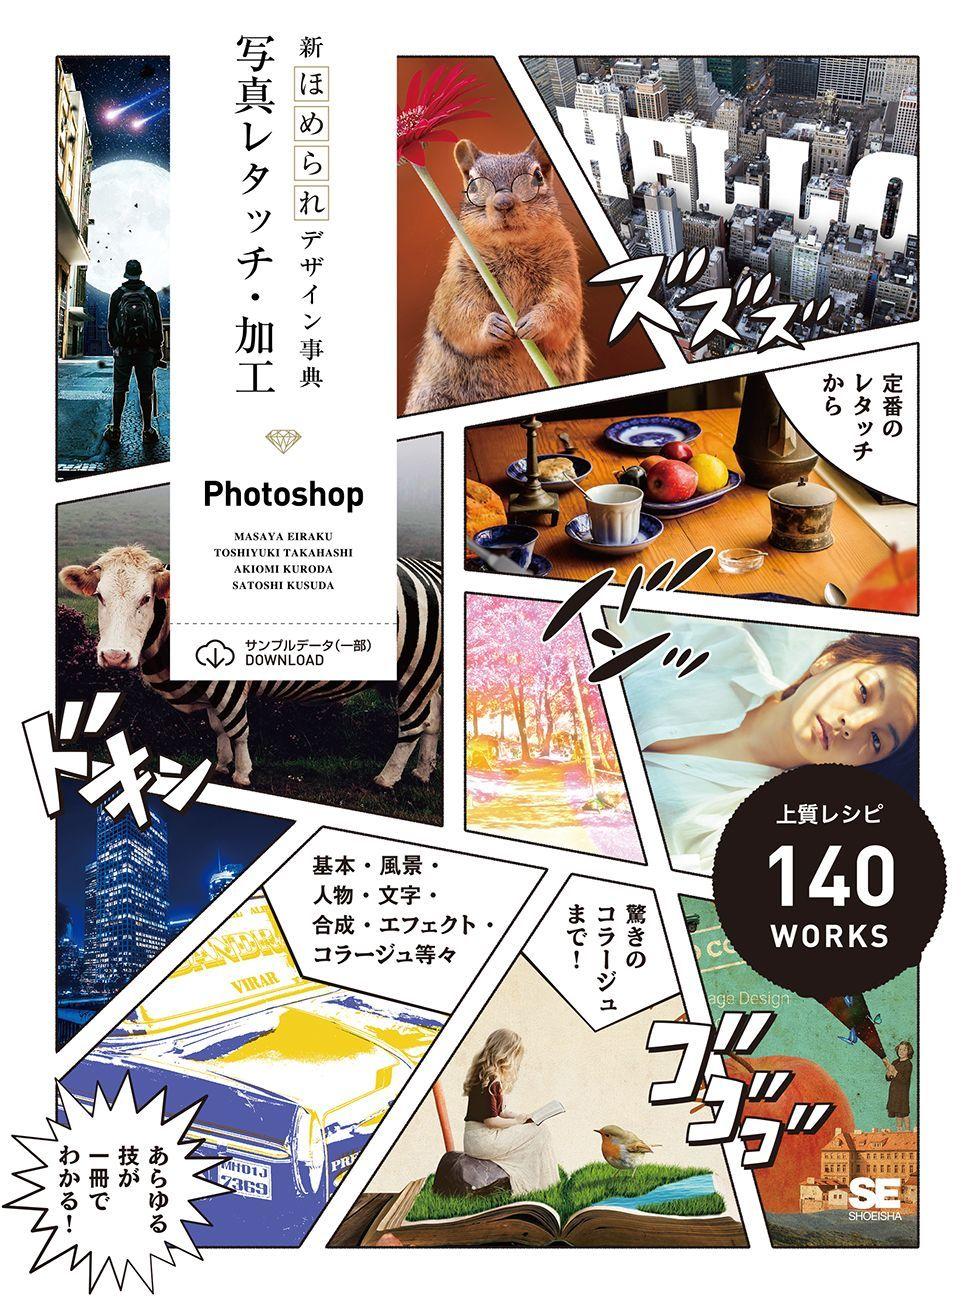 新ほめられデザイン事典 写真レタッチ・加工[Photoshop](翔泳社)